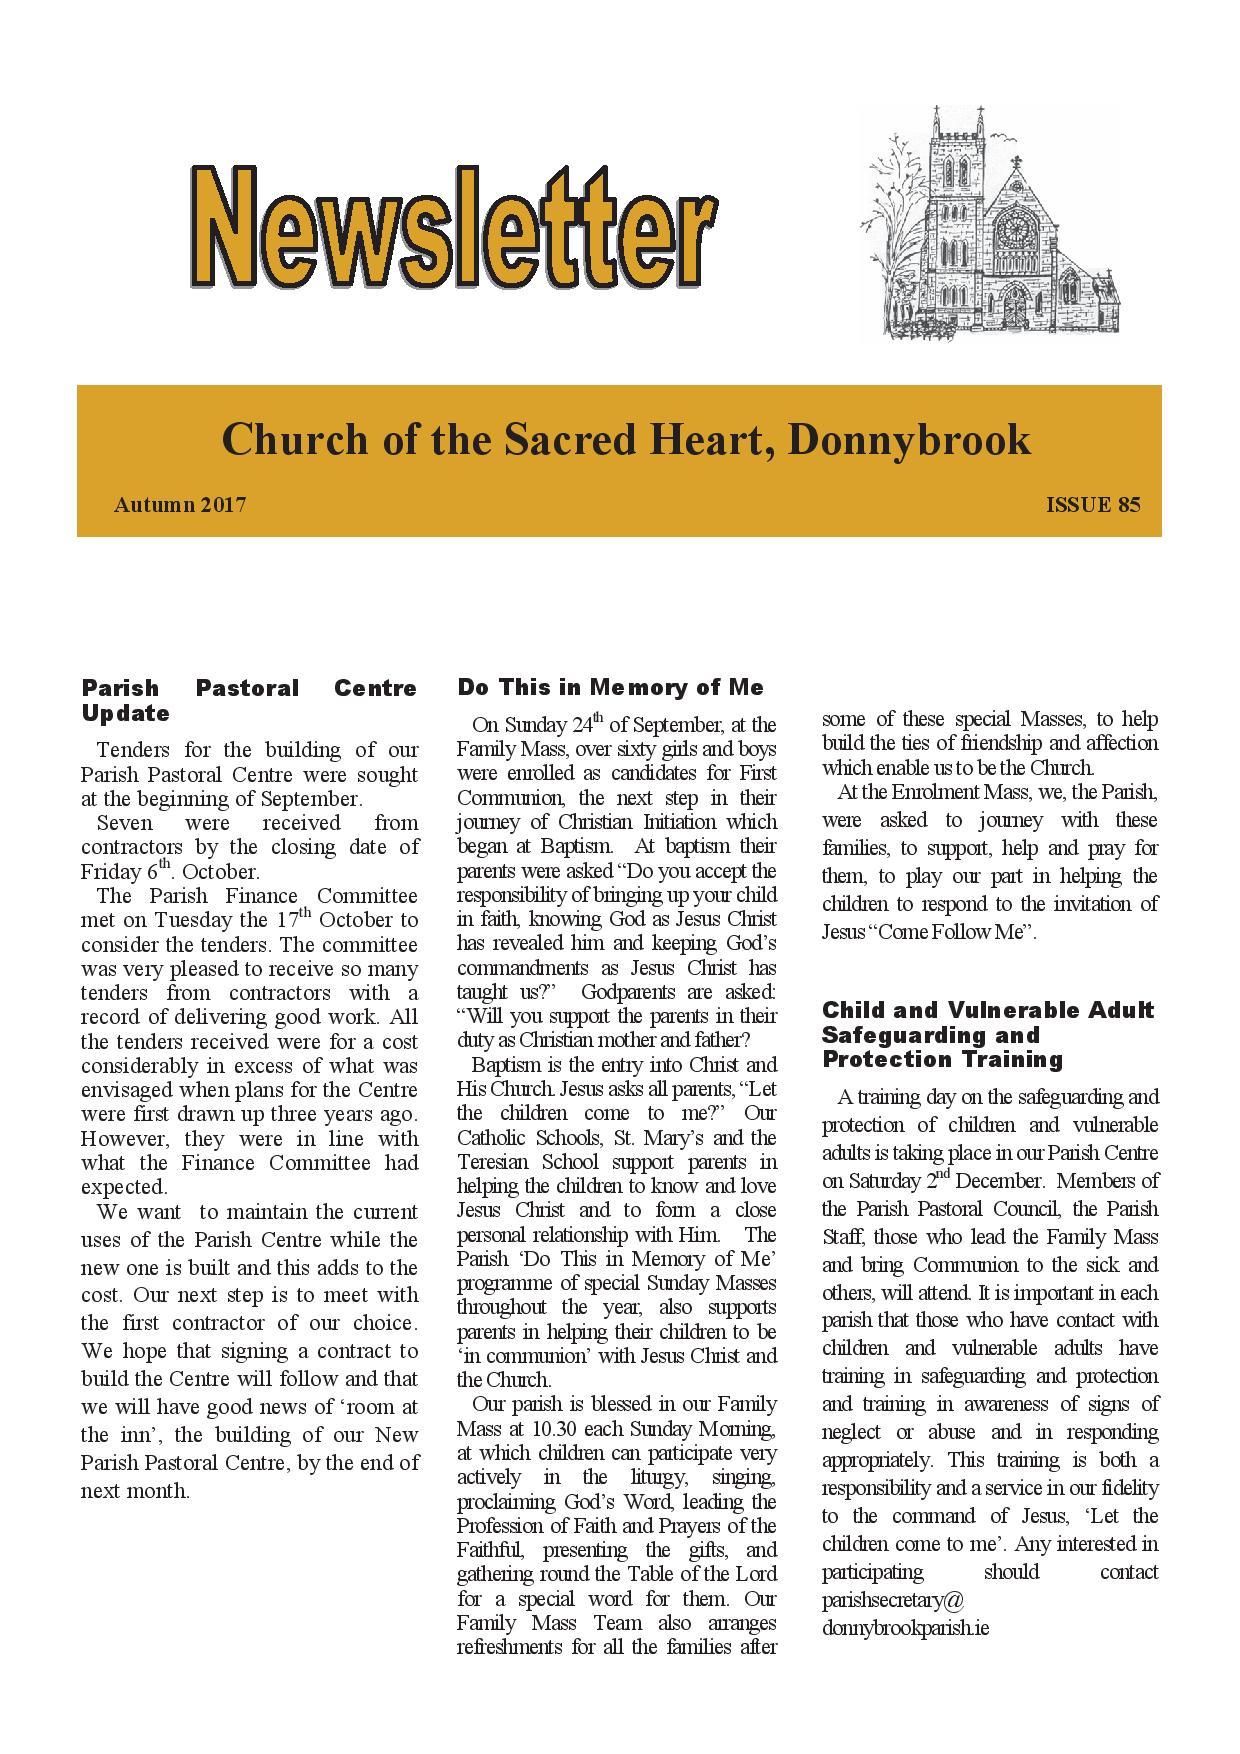 Newsletter 85